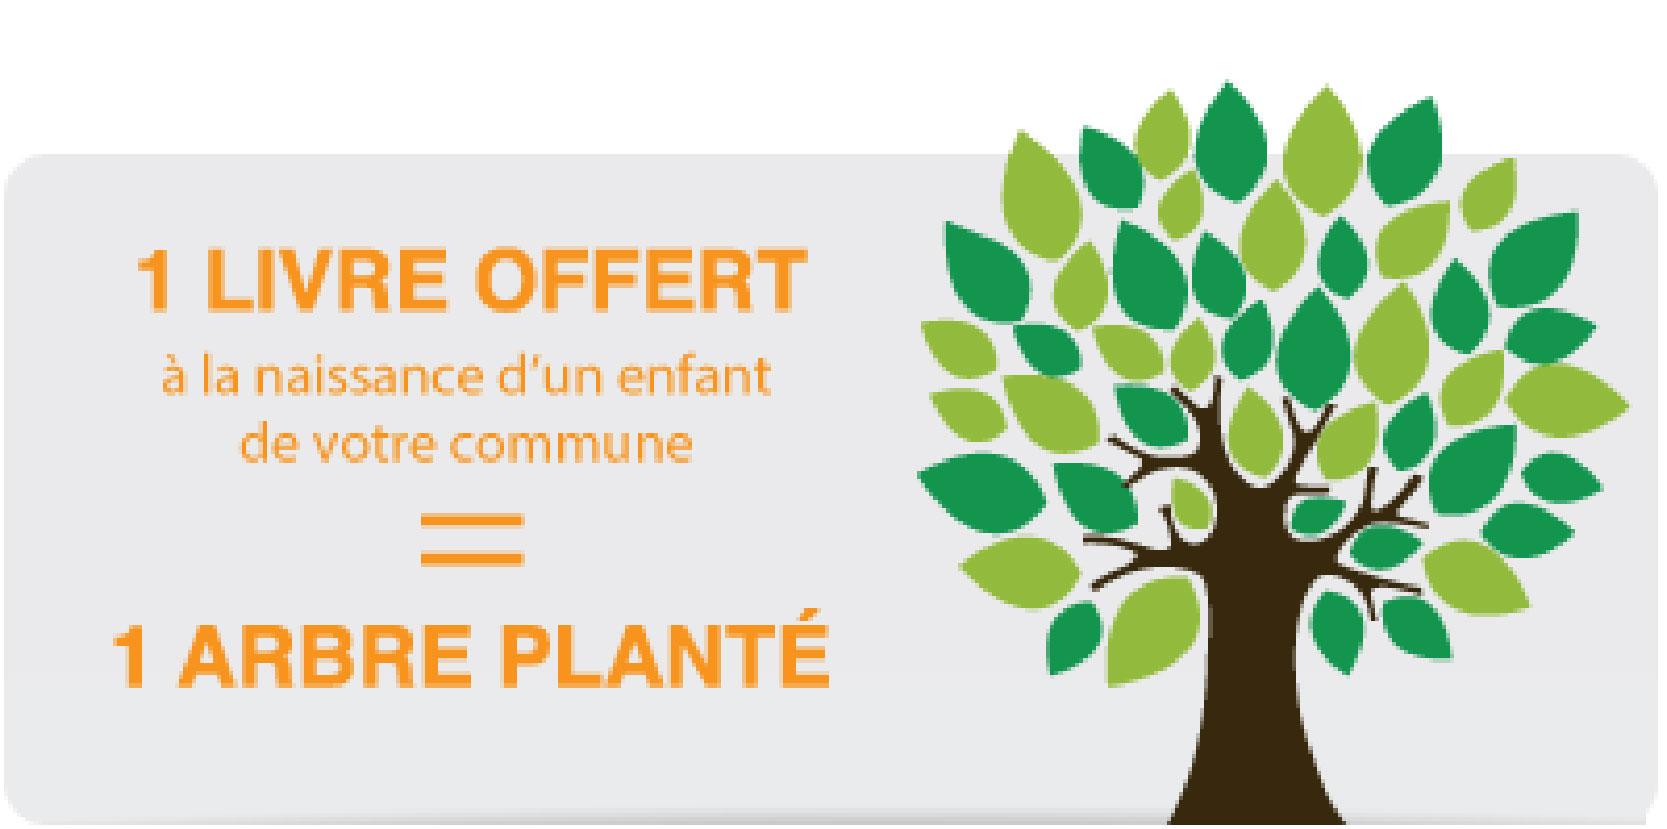 1 livre offert = 1 arbre planté